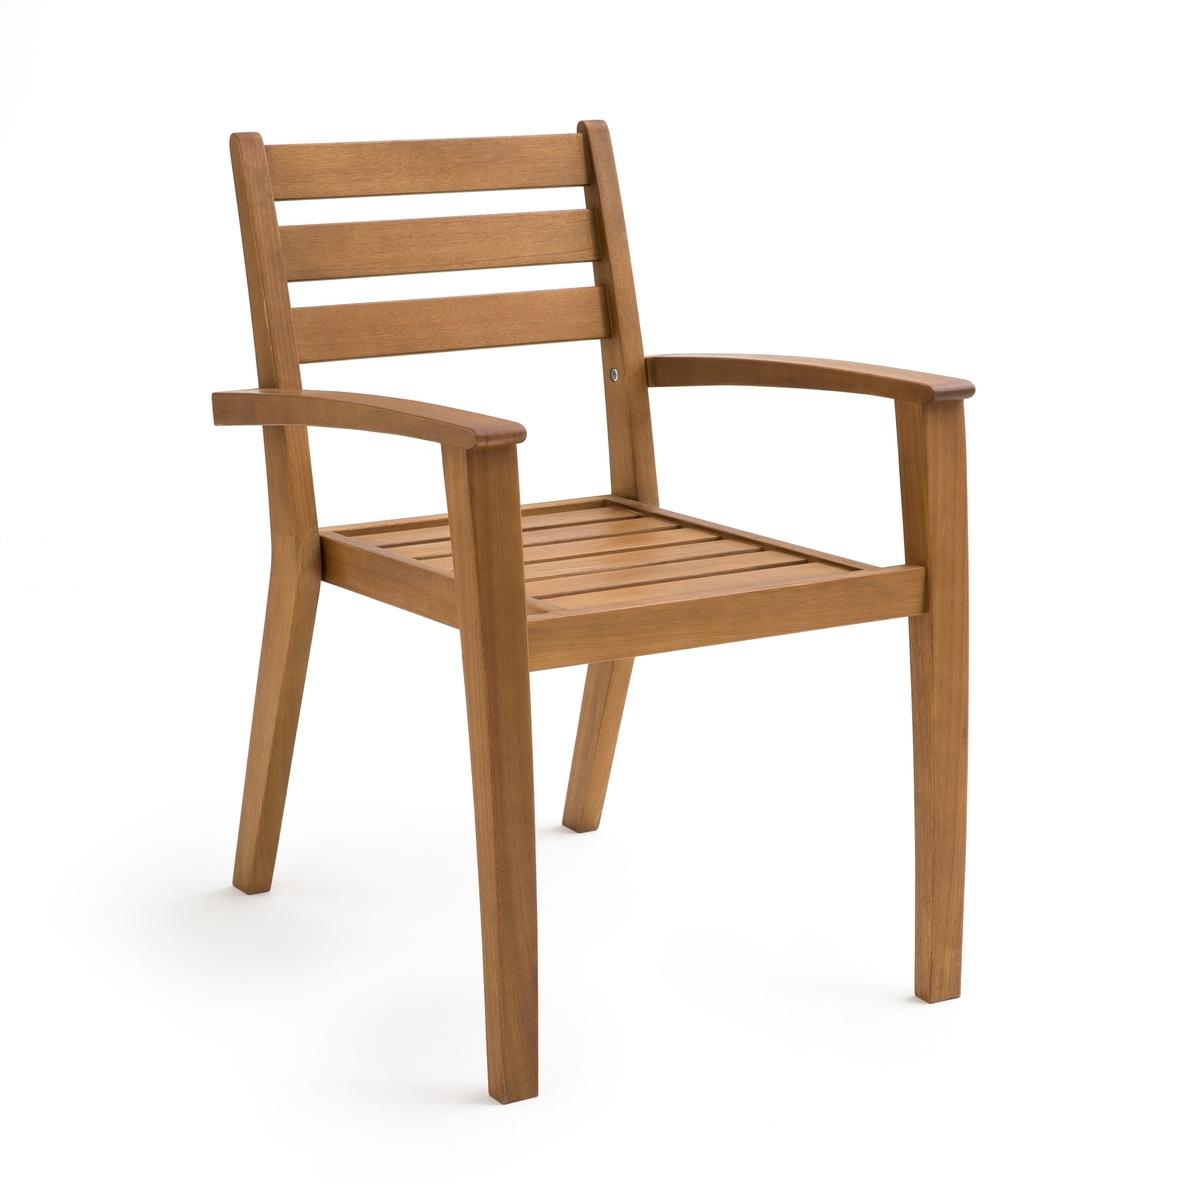 Кресло обеденное садовое из акации, ShayneСадовое кресло Shayne. Идеально для обеда в саду.Характеристики :- Выполнен из древесины акации- Поставляется в разобранном виде, инструкция по сборке прилагаетсяРазмер : - Ш58 x В83 x Г66 см- Сиденье : Ш51 x В50 x Г40 смРазмеры и вес упаковки: - Ш87 x В17 x Г58,5 см, 8,5 кгДоставка :Возможна доставка до квартиры по предварительному согласованию!Внимание ! Убедитесь в том, что товар возможно доставить на дом, учитывая его габариты (проходит в двери, по лестницам, в лифты).<br><br>Цвет: дерево/белый